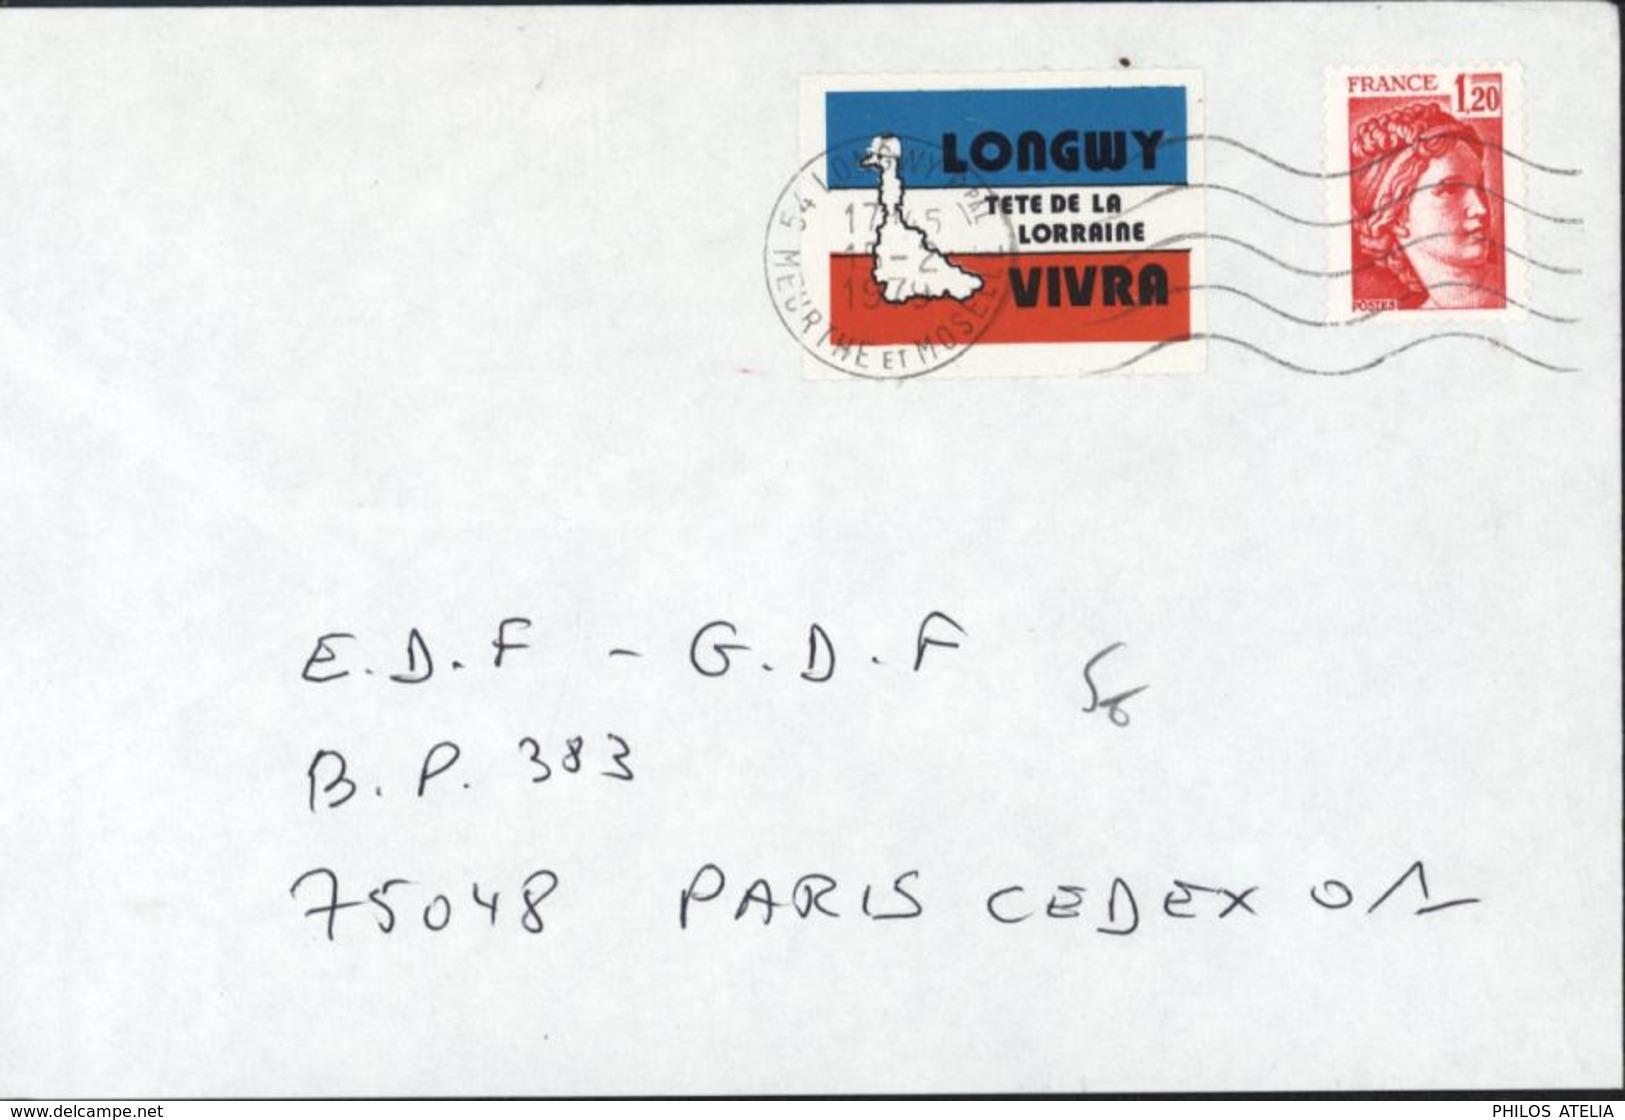 YT Sabine Gandon N° 1974 Vignette Longwy Tête De Lorraine Vivra Acieries Lutte Syndicale Ouvrière 15 2 1979 - 1961-....